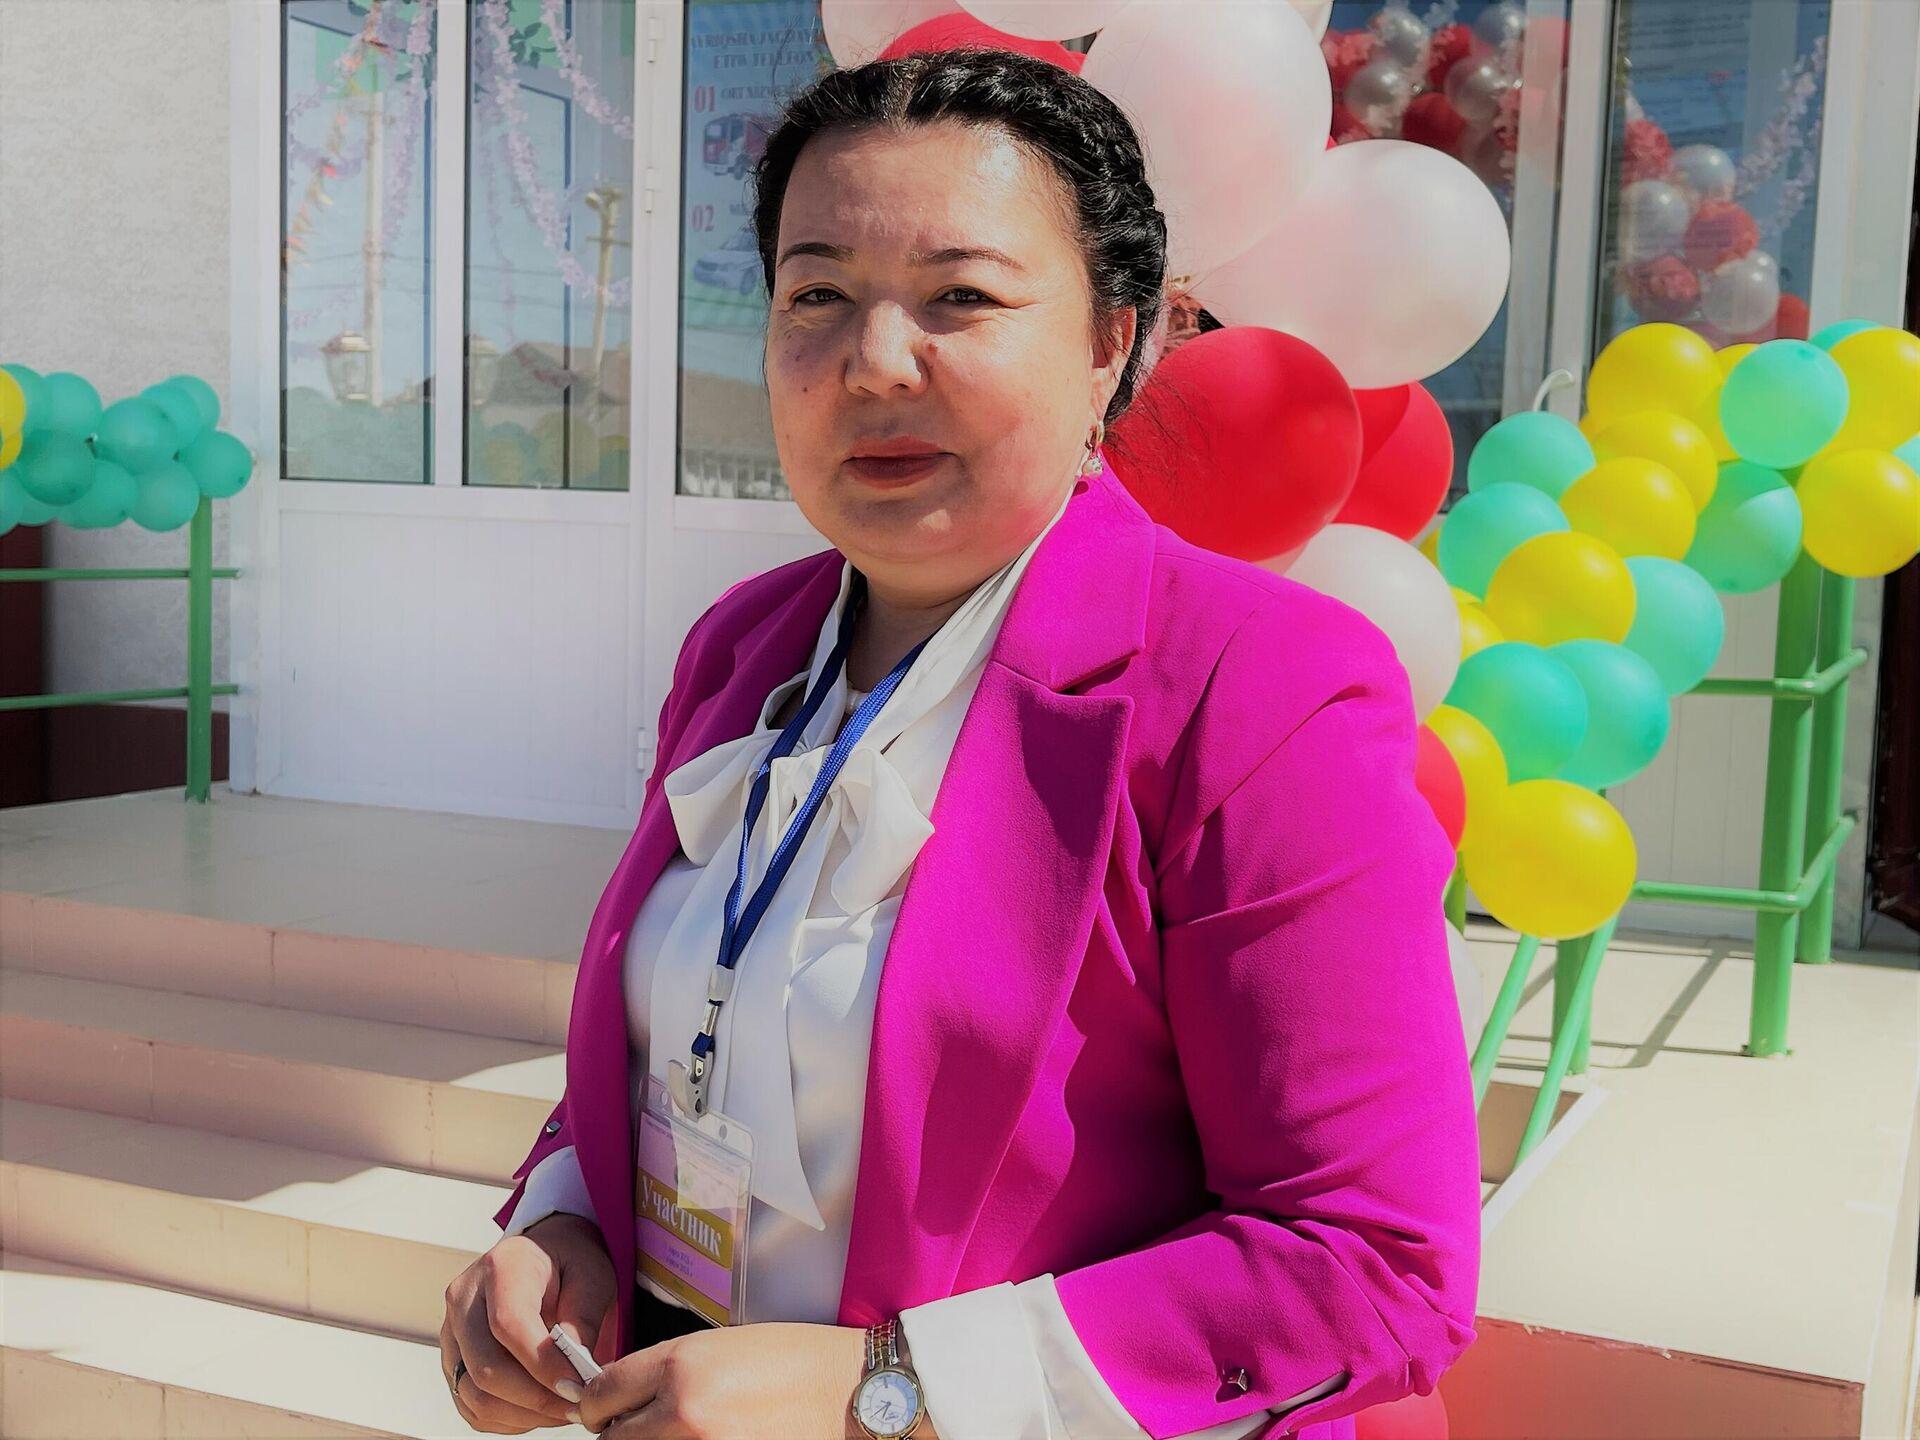 Jumagul Usnatdinova, ministr doshkolnogo obrazovaniya Respubliki Karakalpakstan - Sputnik Oʻzbekiston, 1920, 03.04.2021